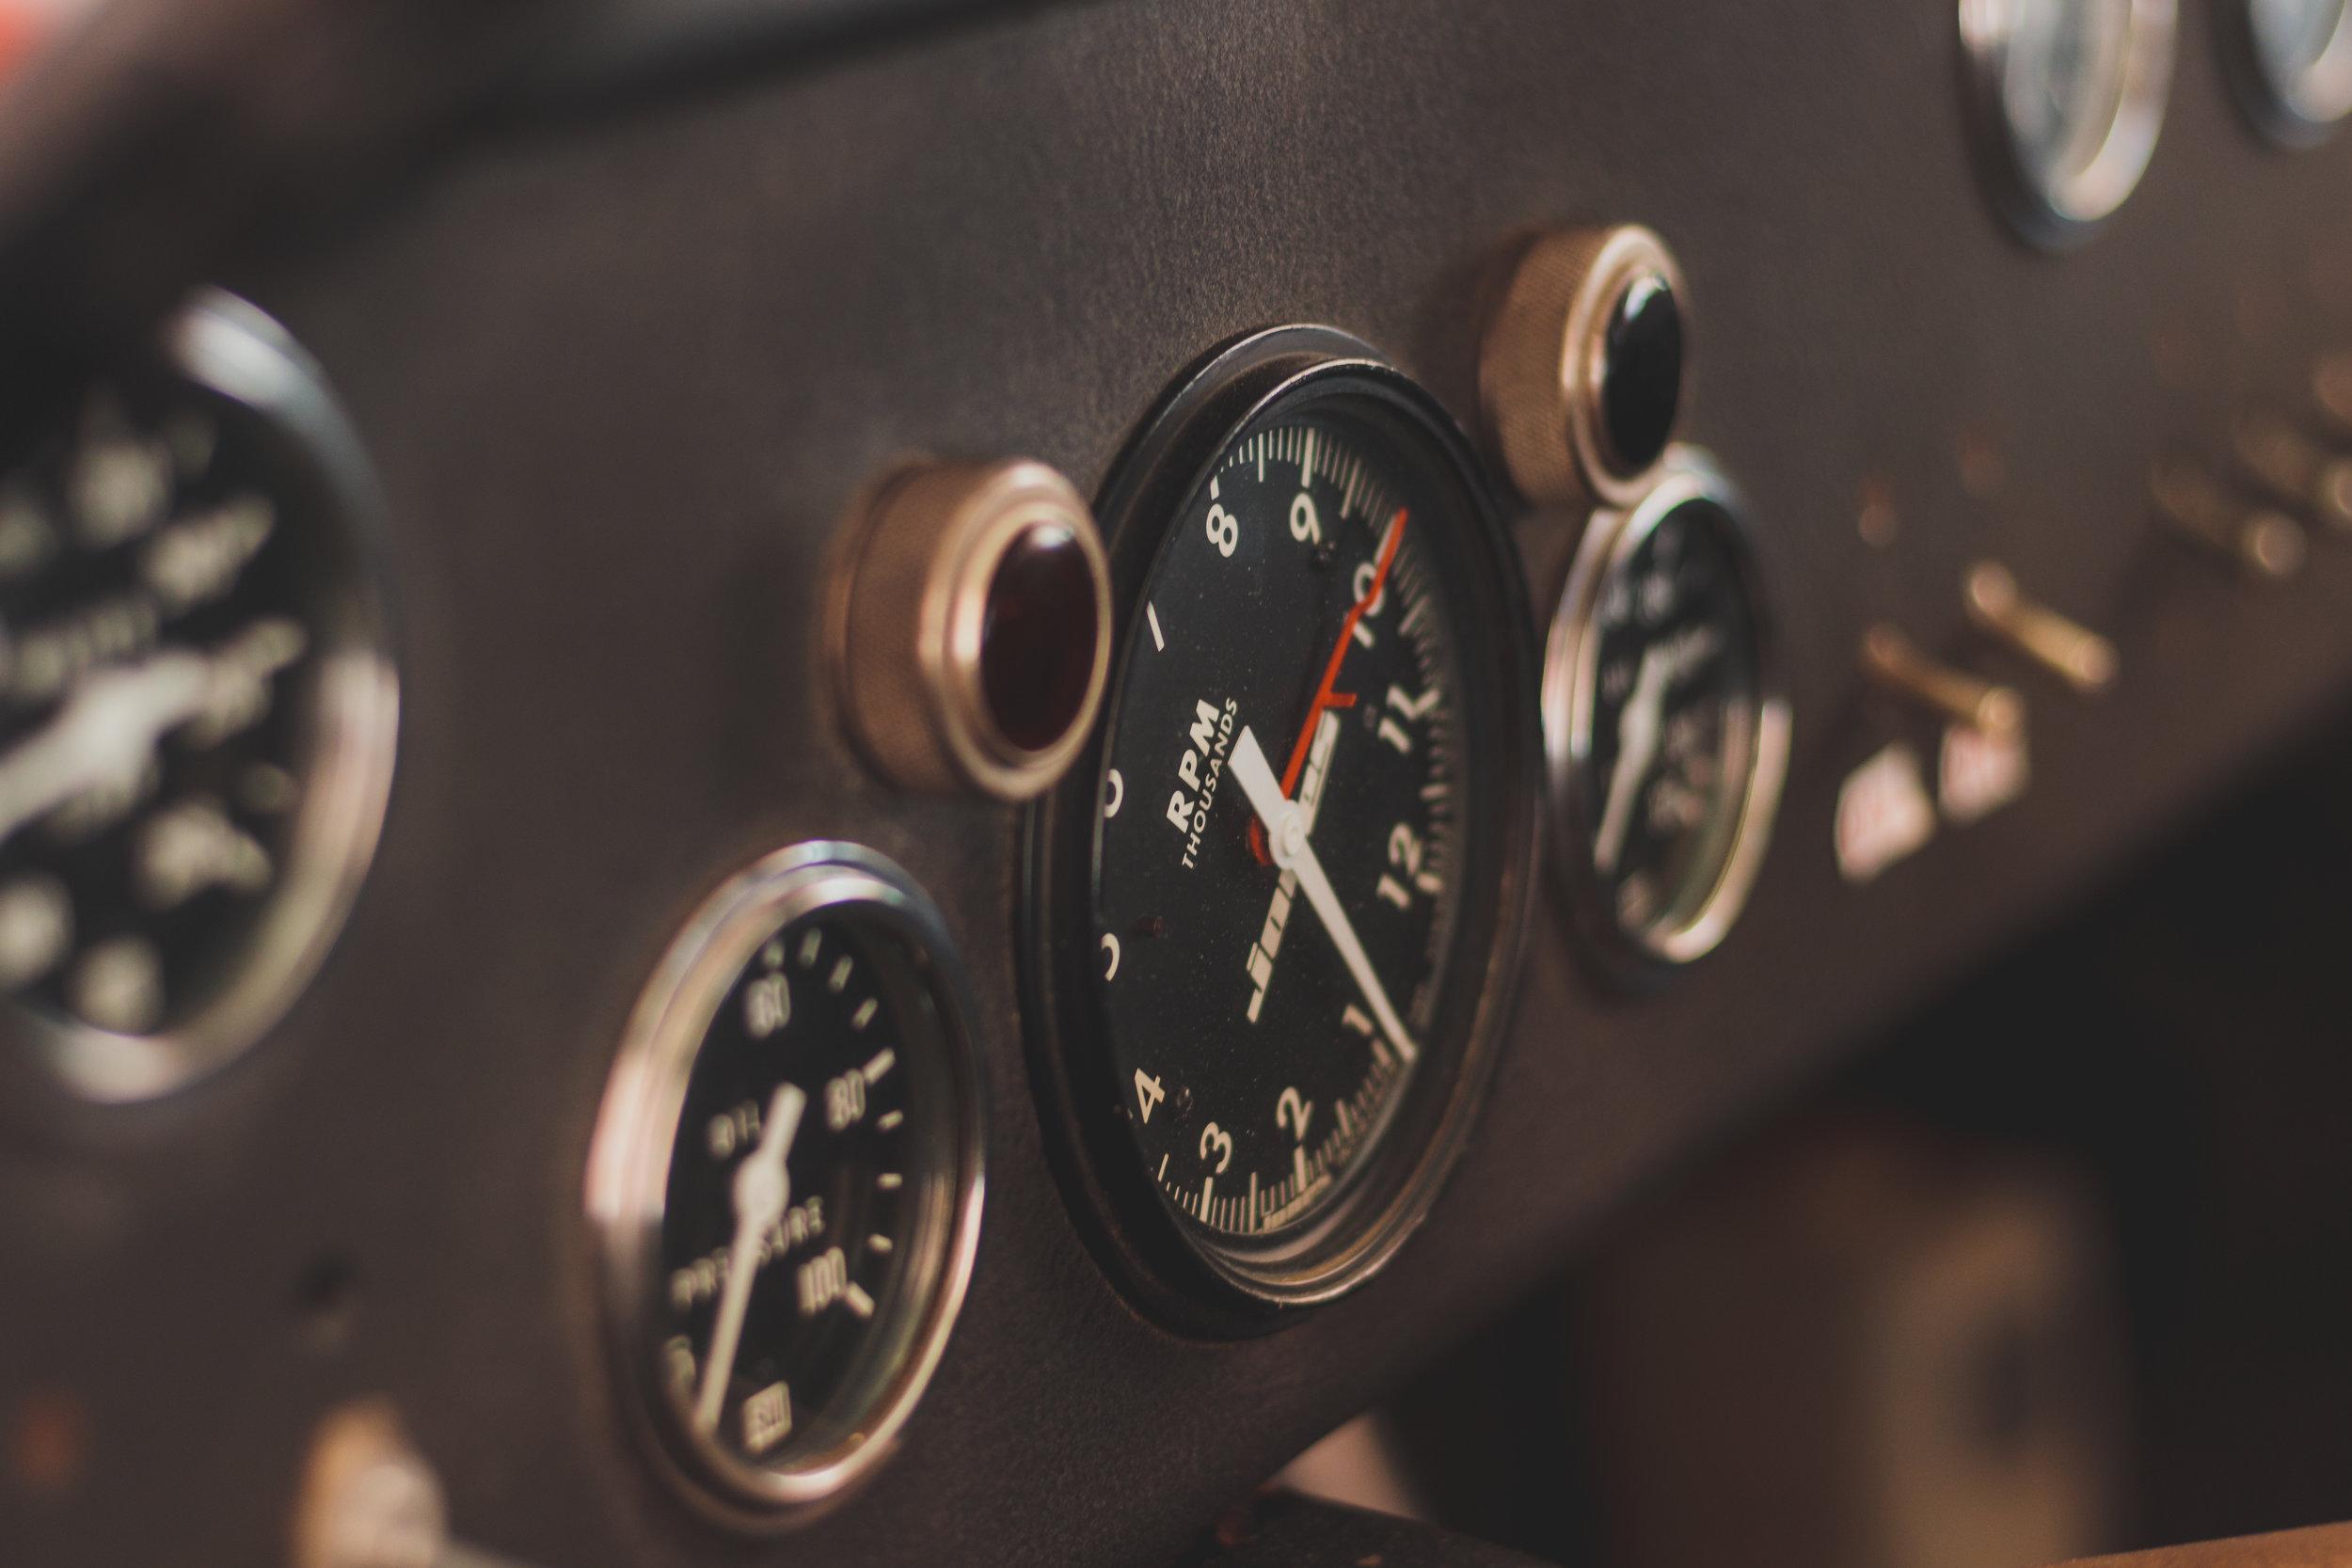 BRE Datsun 510 gauges